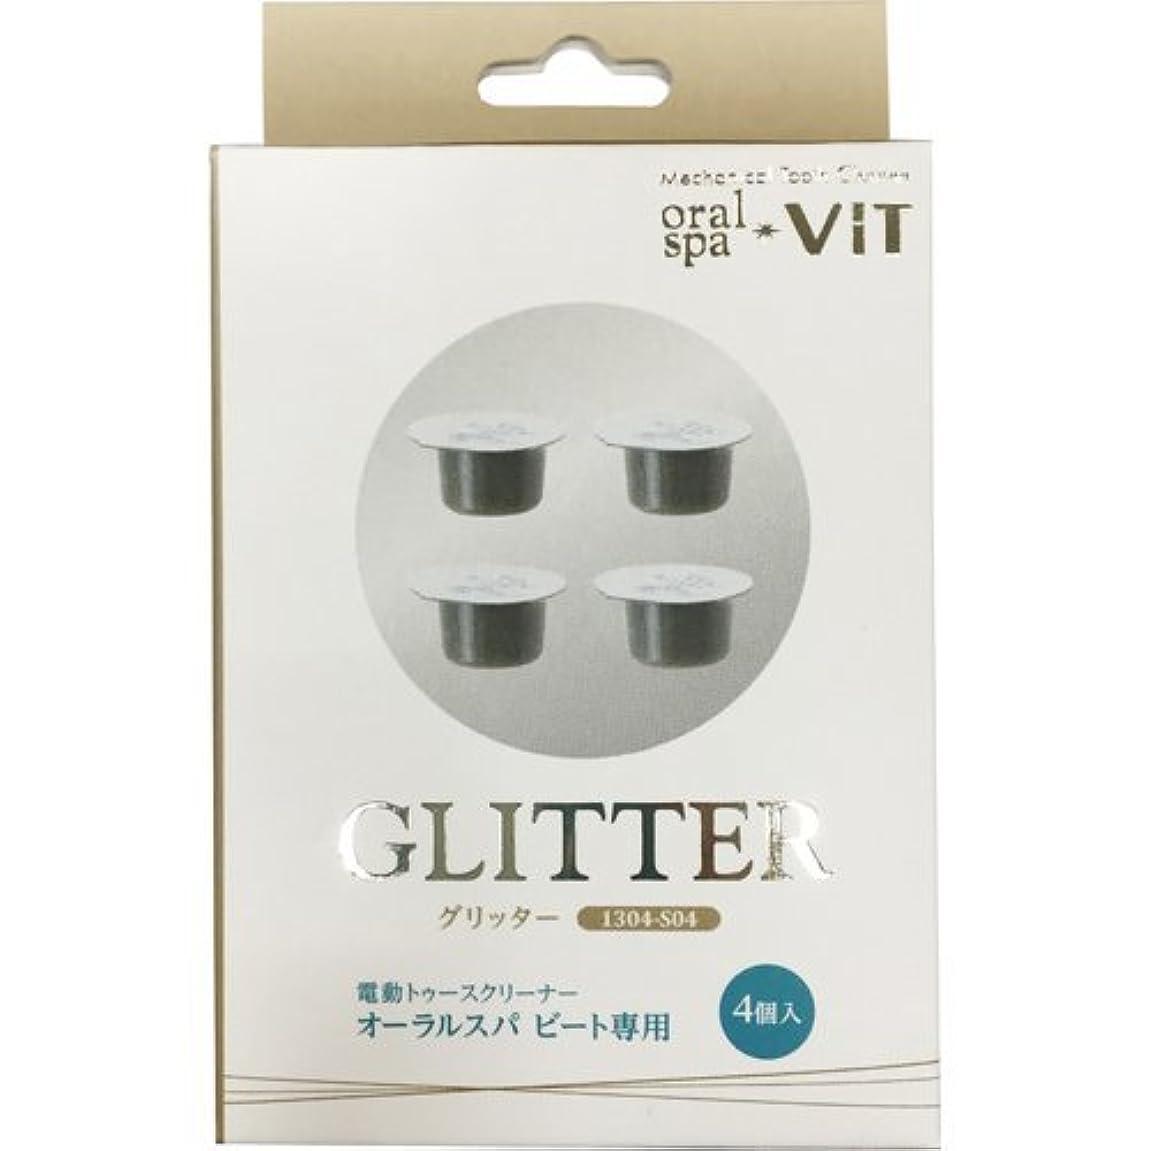 電動トゥースクリーナー oral spa VIT(オーラルスパビート)専用グリッター スペアミント 4個入